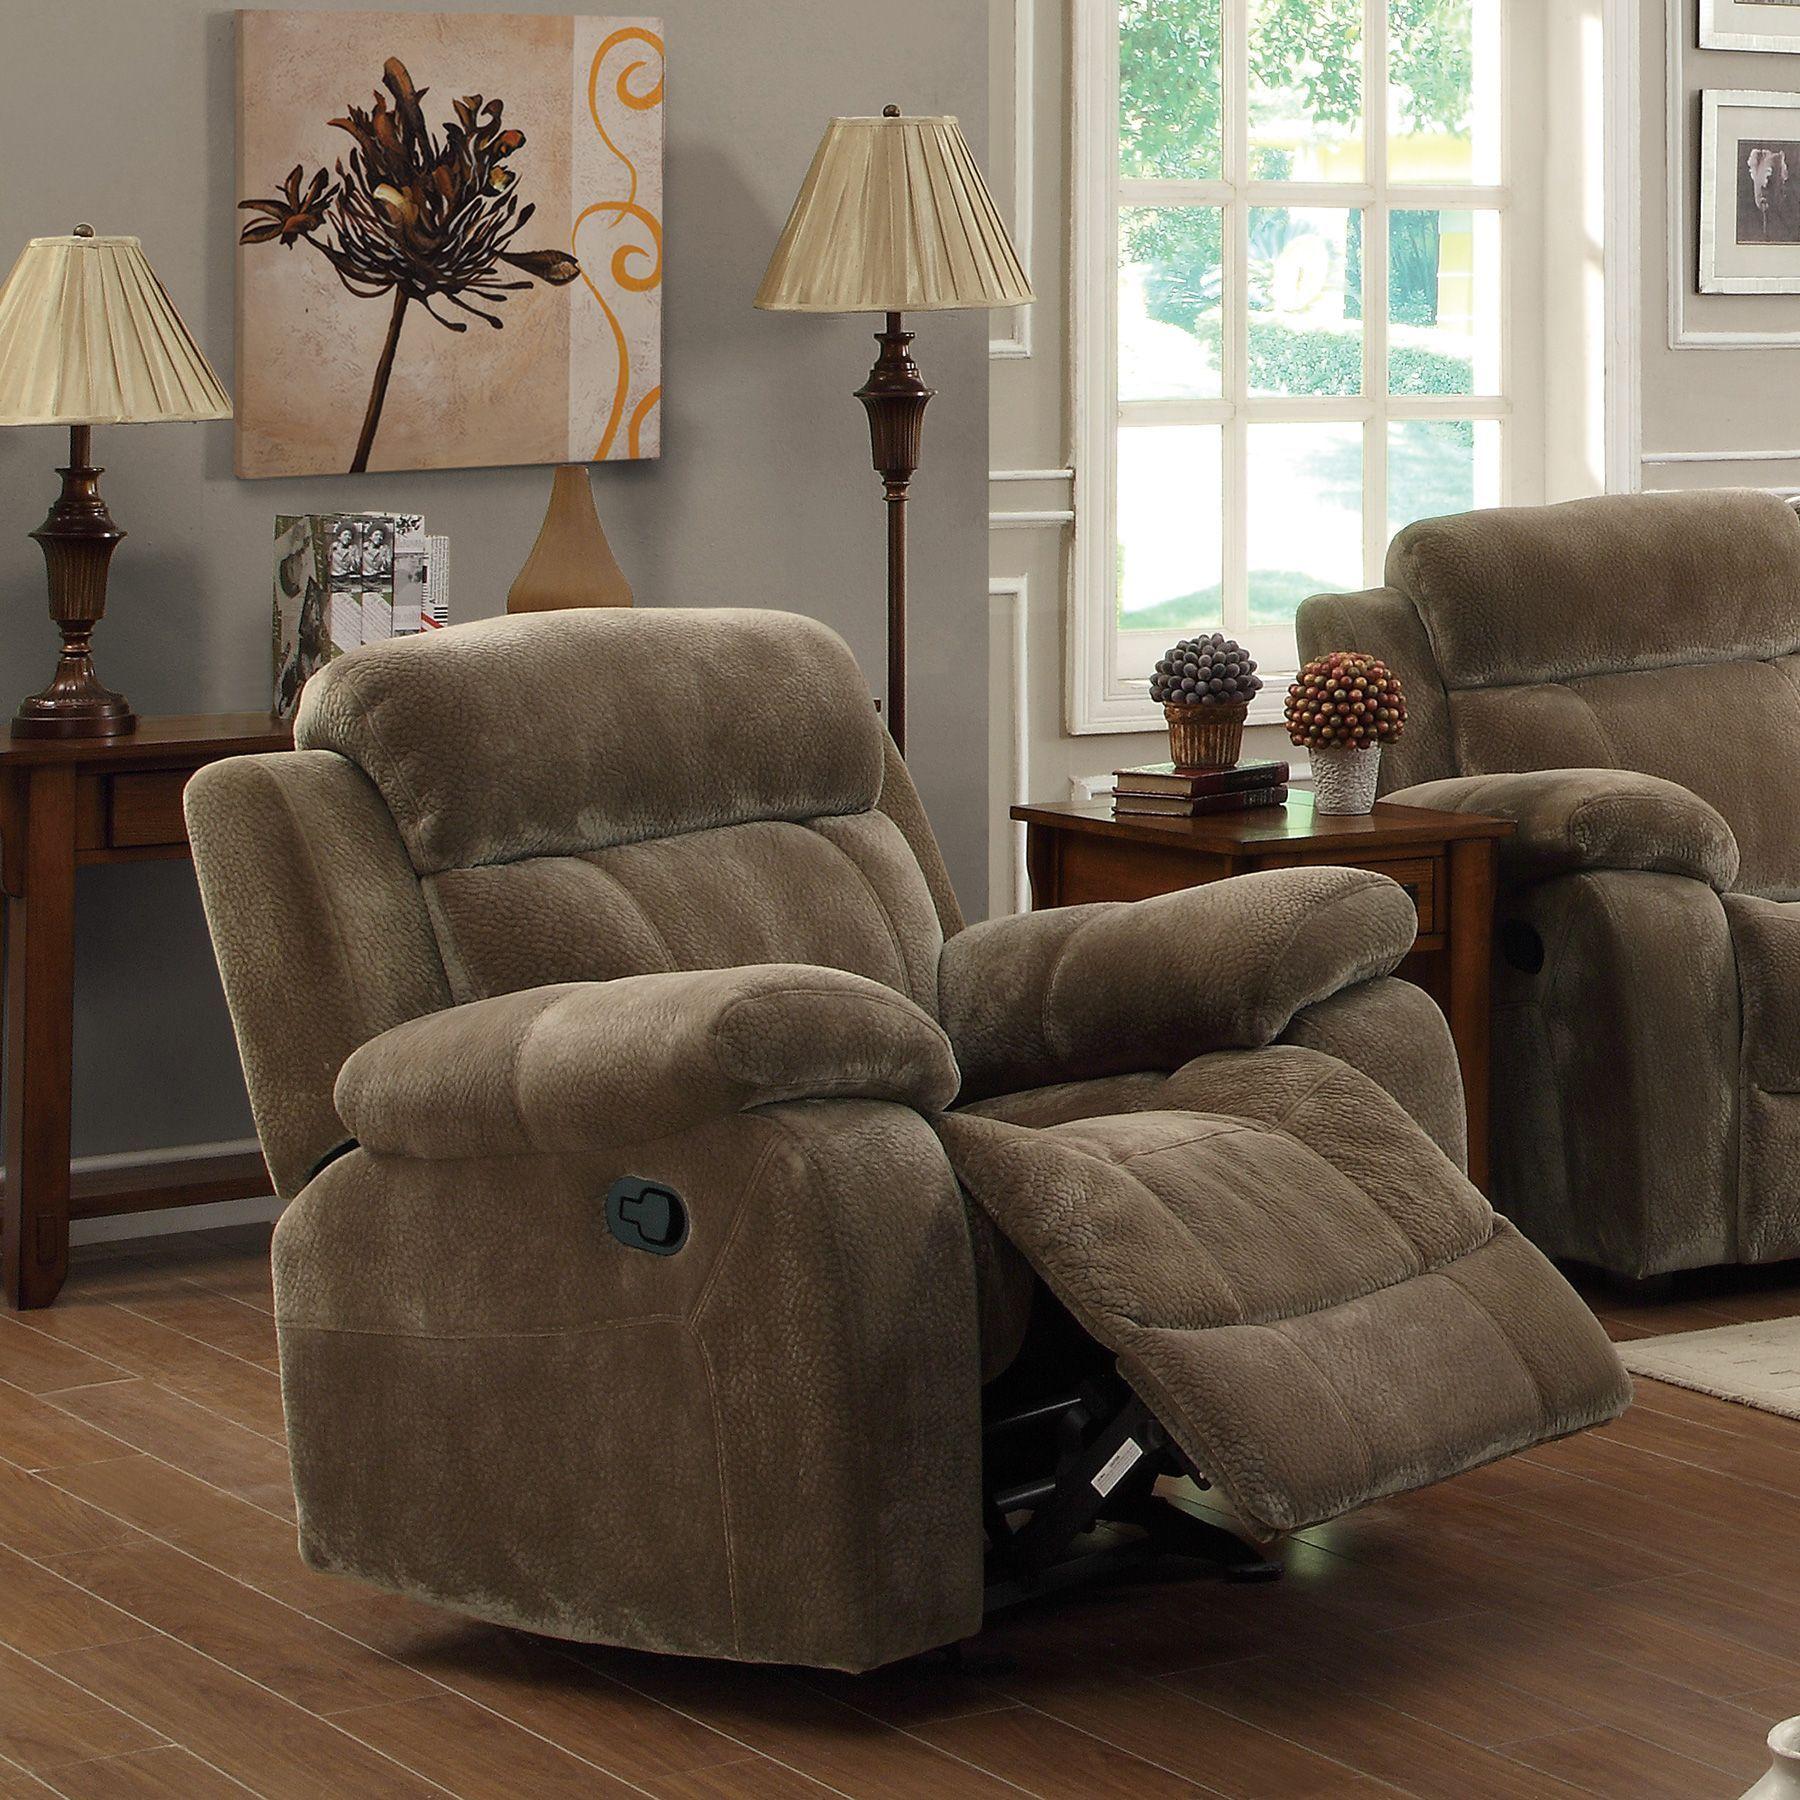 Sensational Fingerhut Coaster Myleene Glider Recliner W Pillow Arms Andrewgaddart Wooden Chair Designs For Living Room Andrewgaddartcom